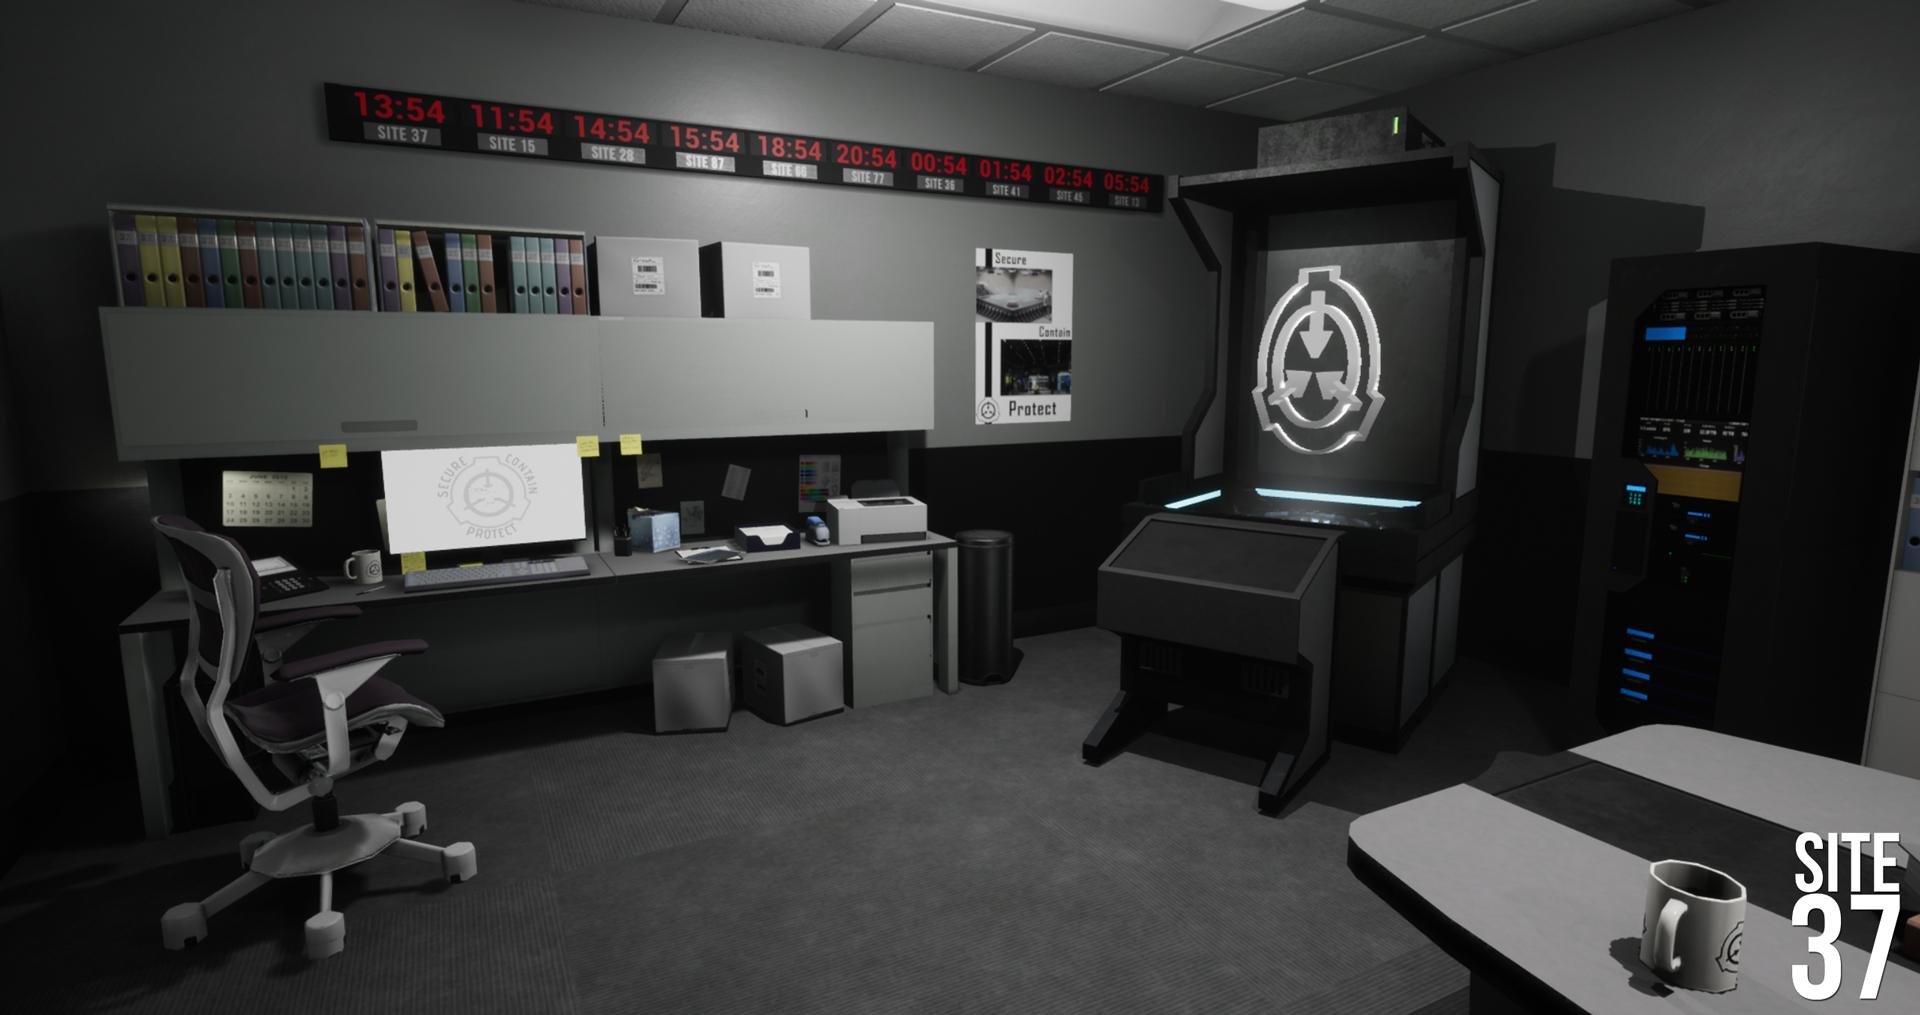 Desk, Projector, Server